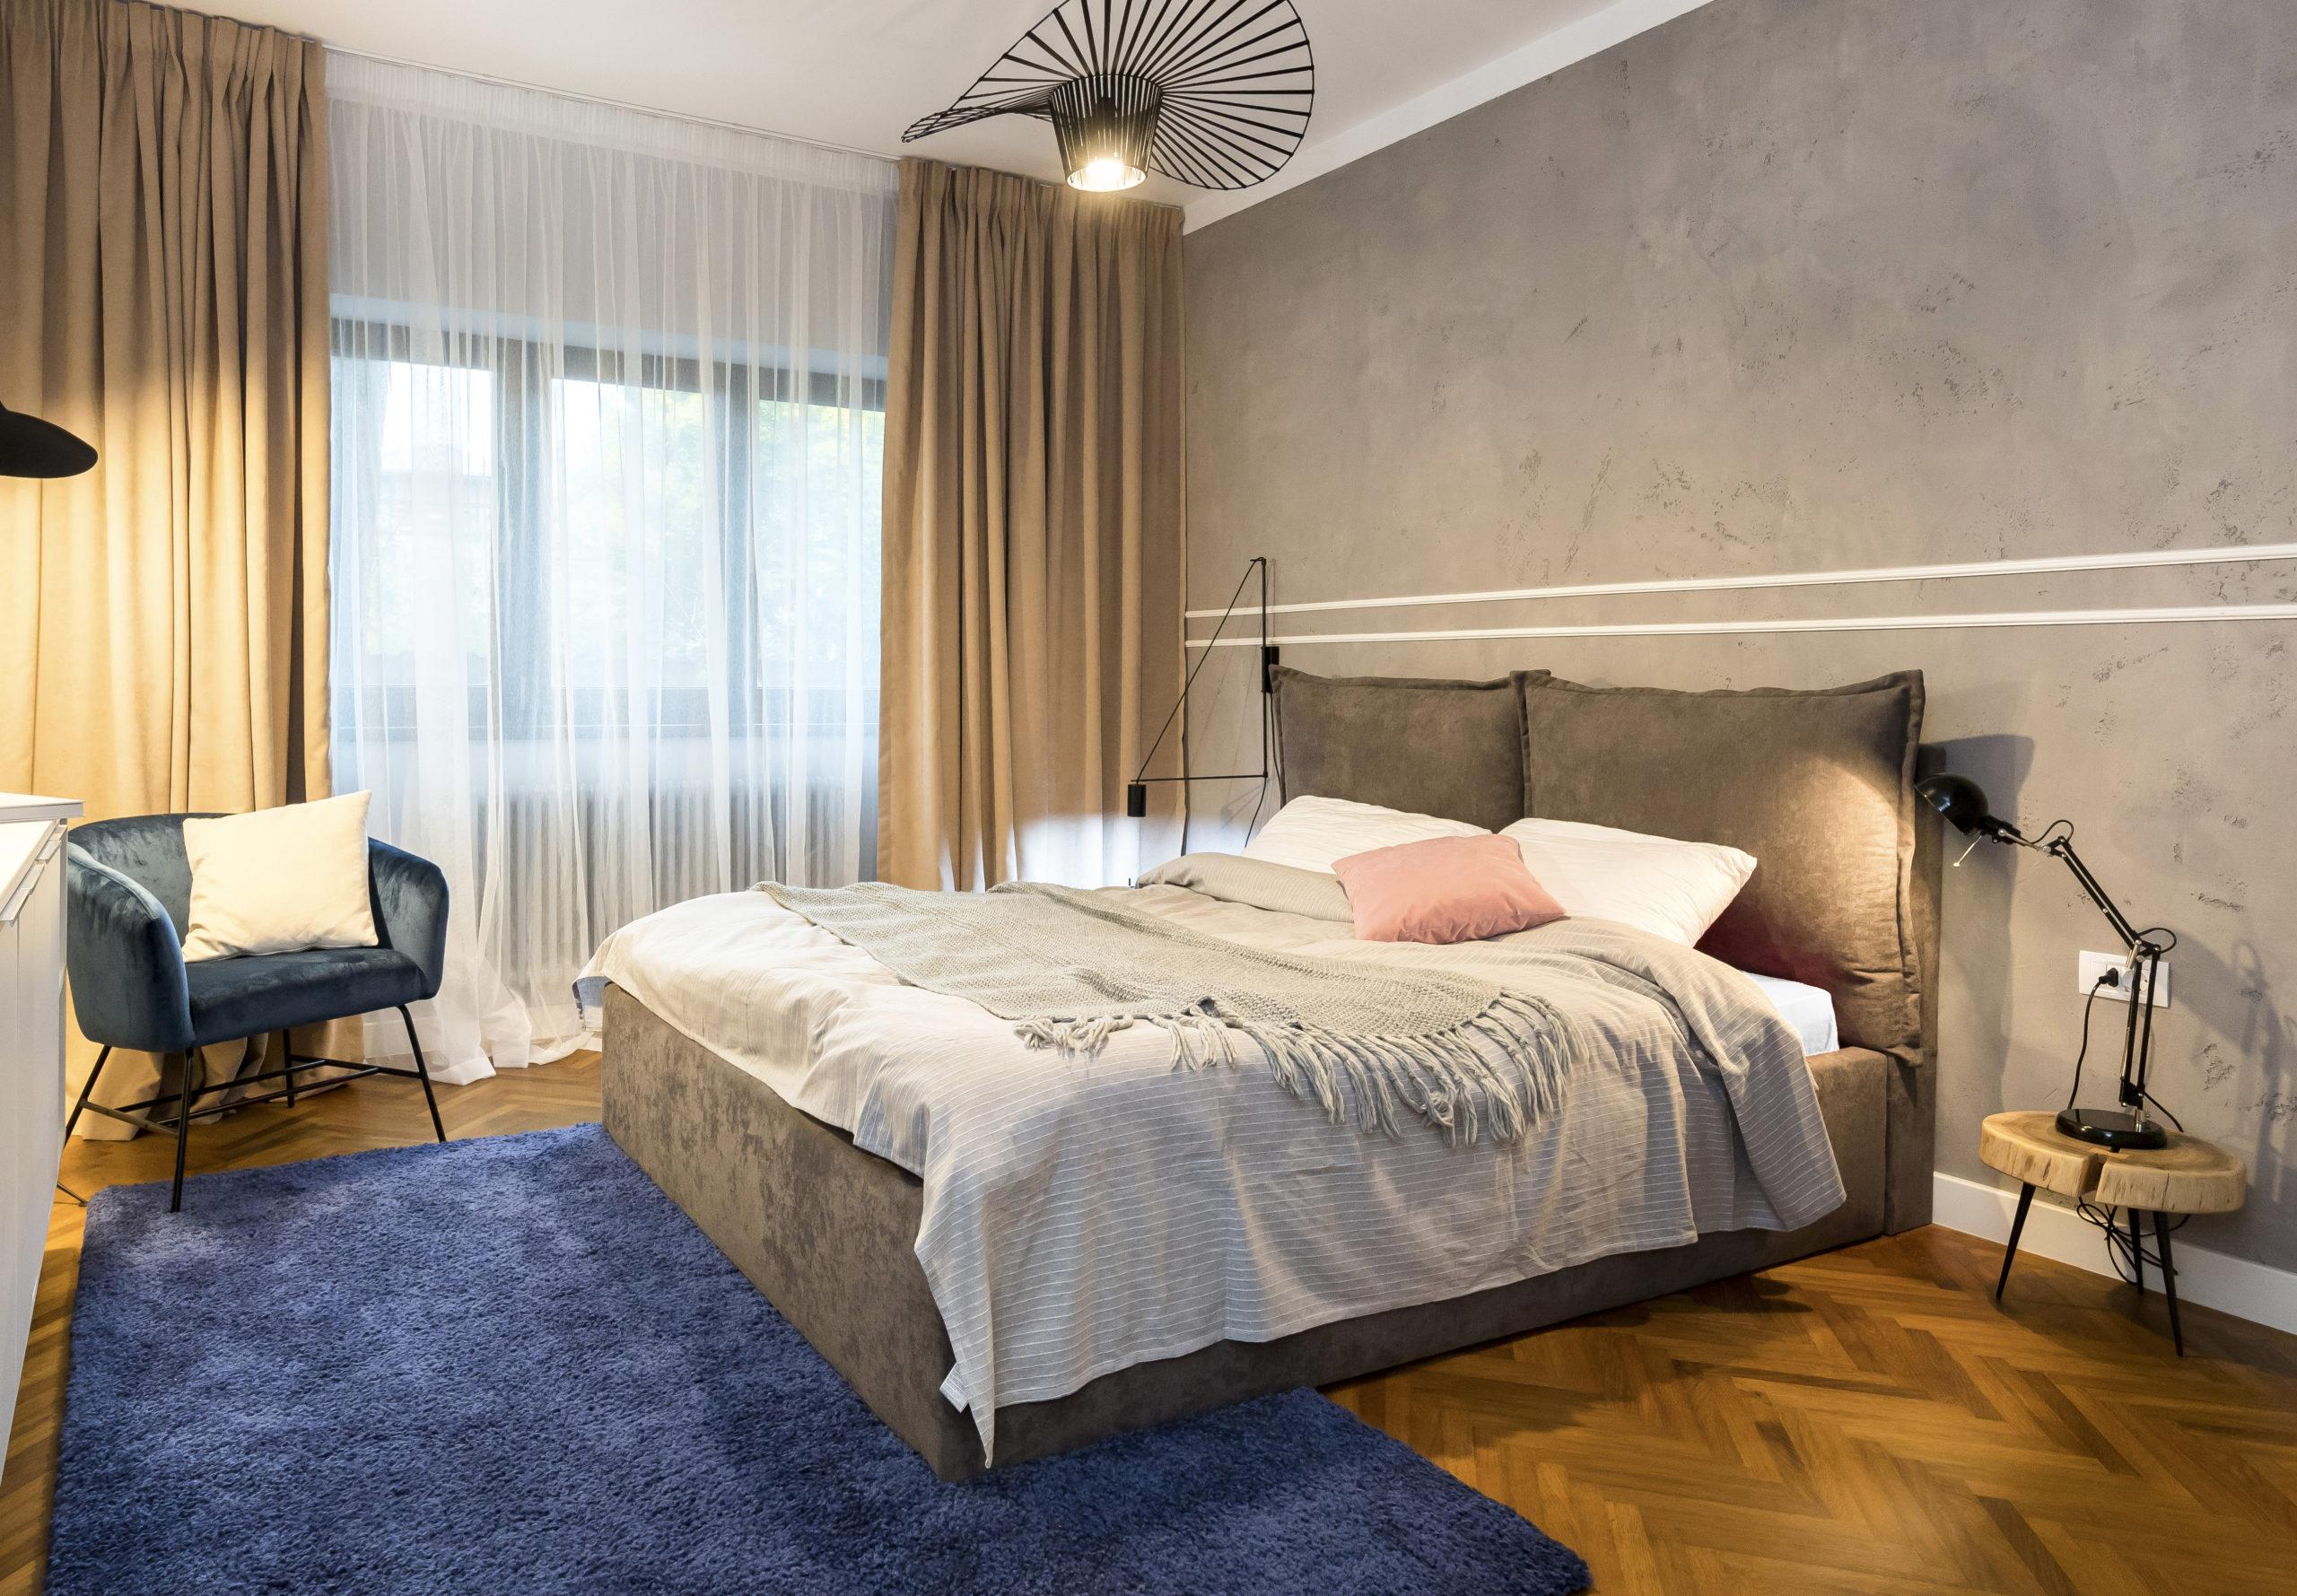 Peretele din spatele patului este vopsit cu o decorativa cu aspect de beton. Textura de beton este elementul care contrasteaza cu stilul retro al amenajarii.